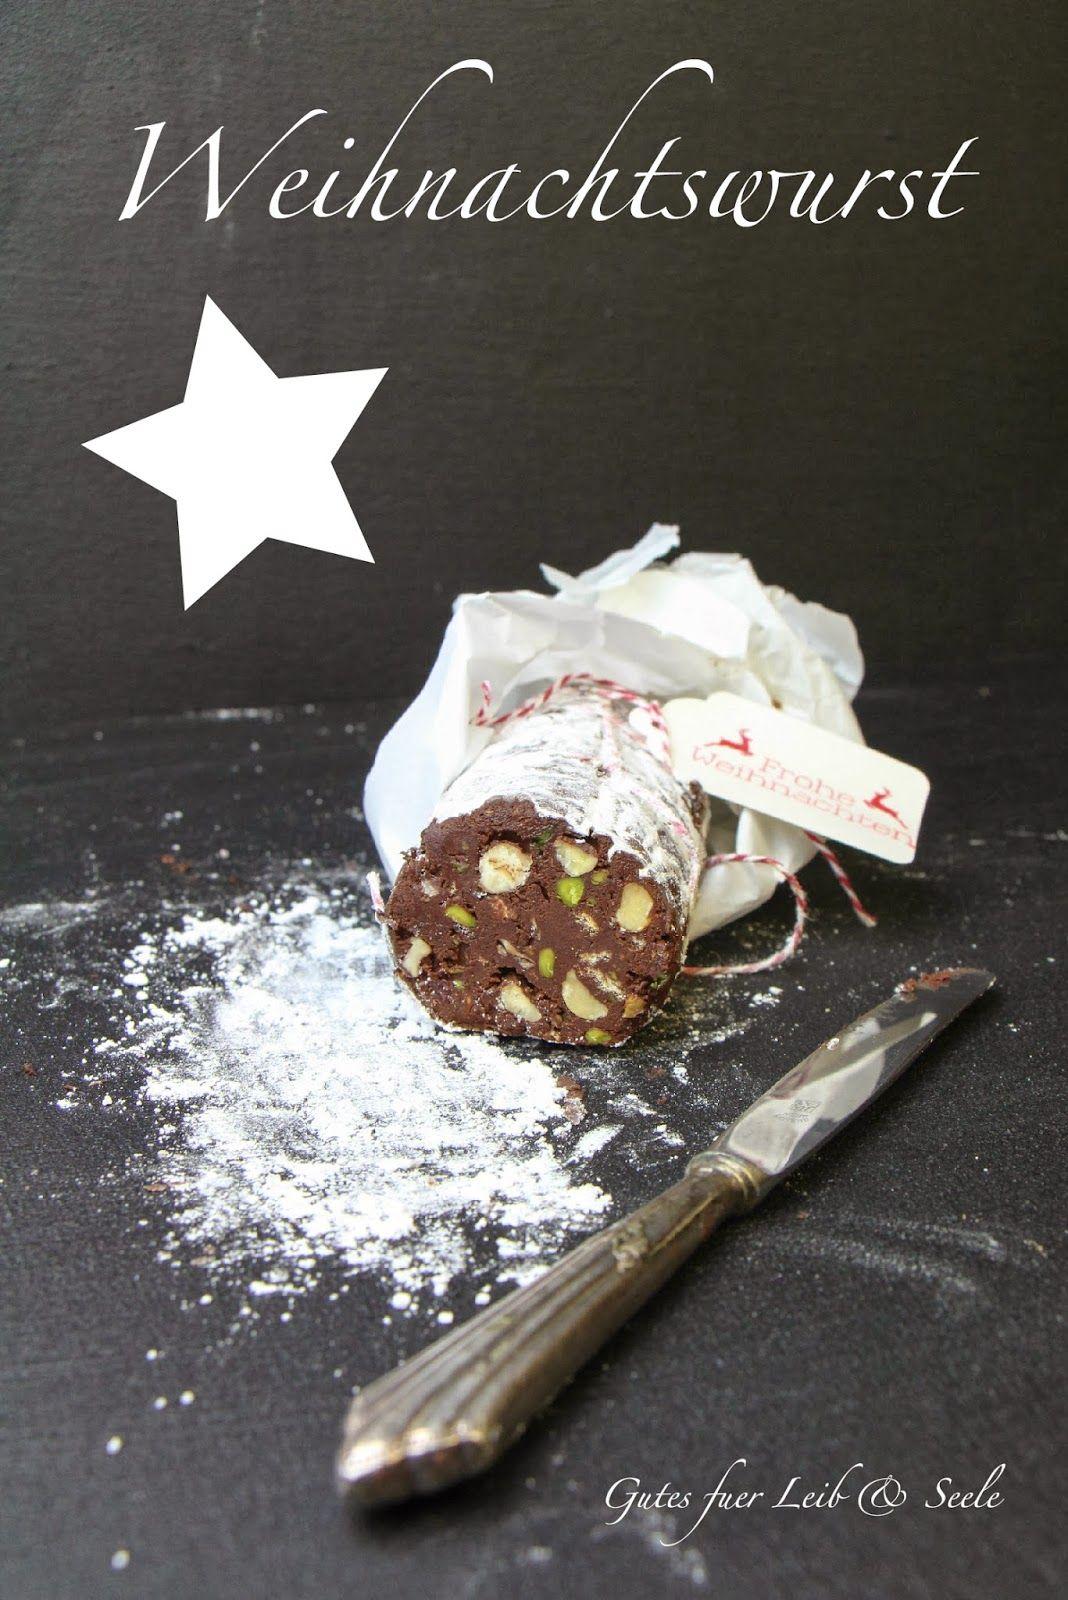 Geschenke aus der Küche: Weihnachtswurst | Geschenke aus der küche ...